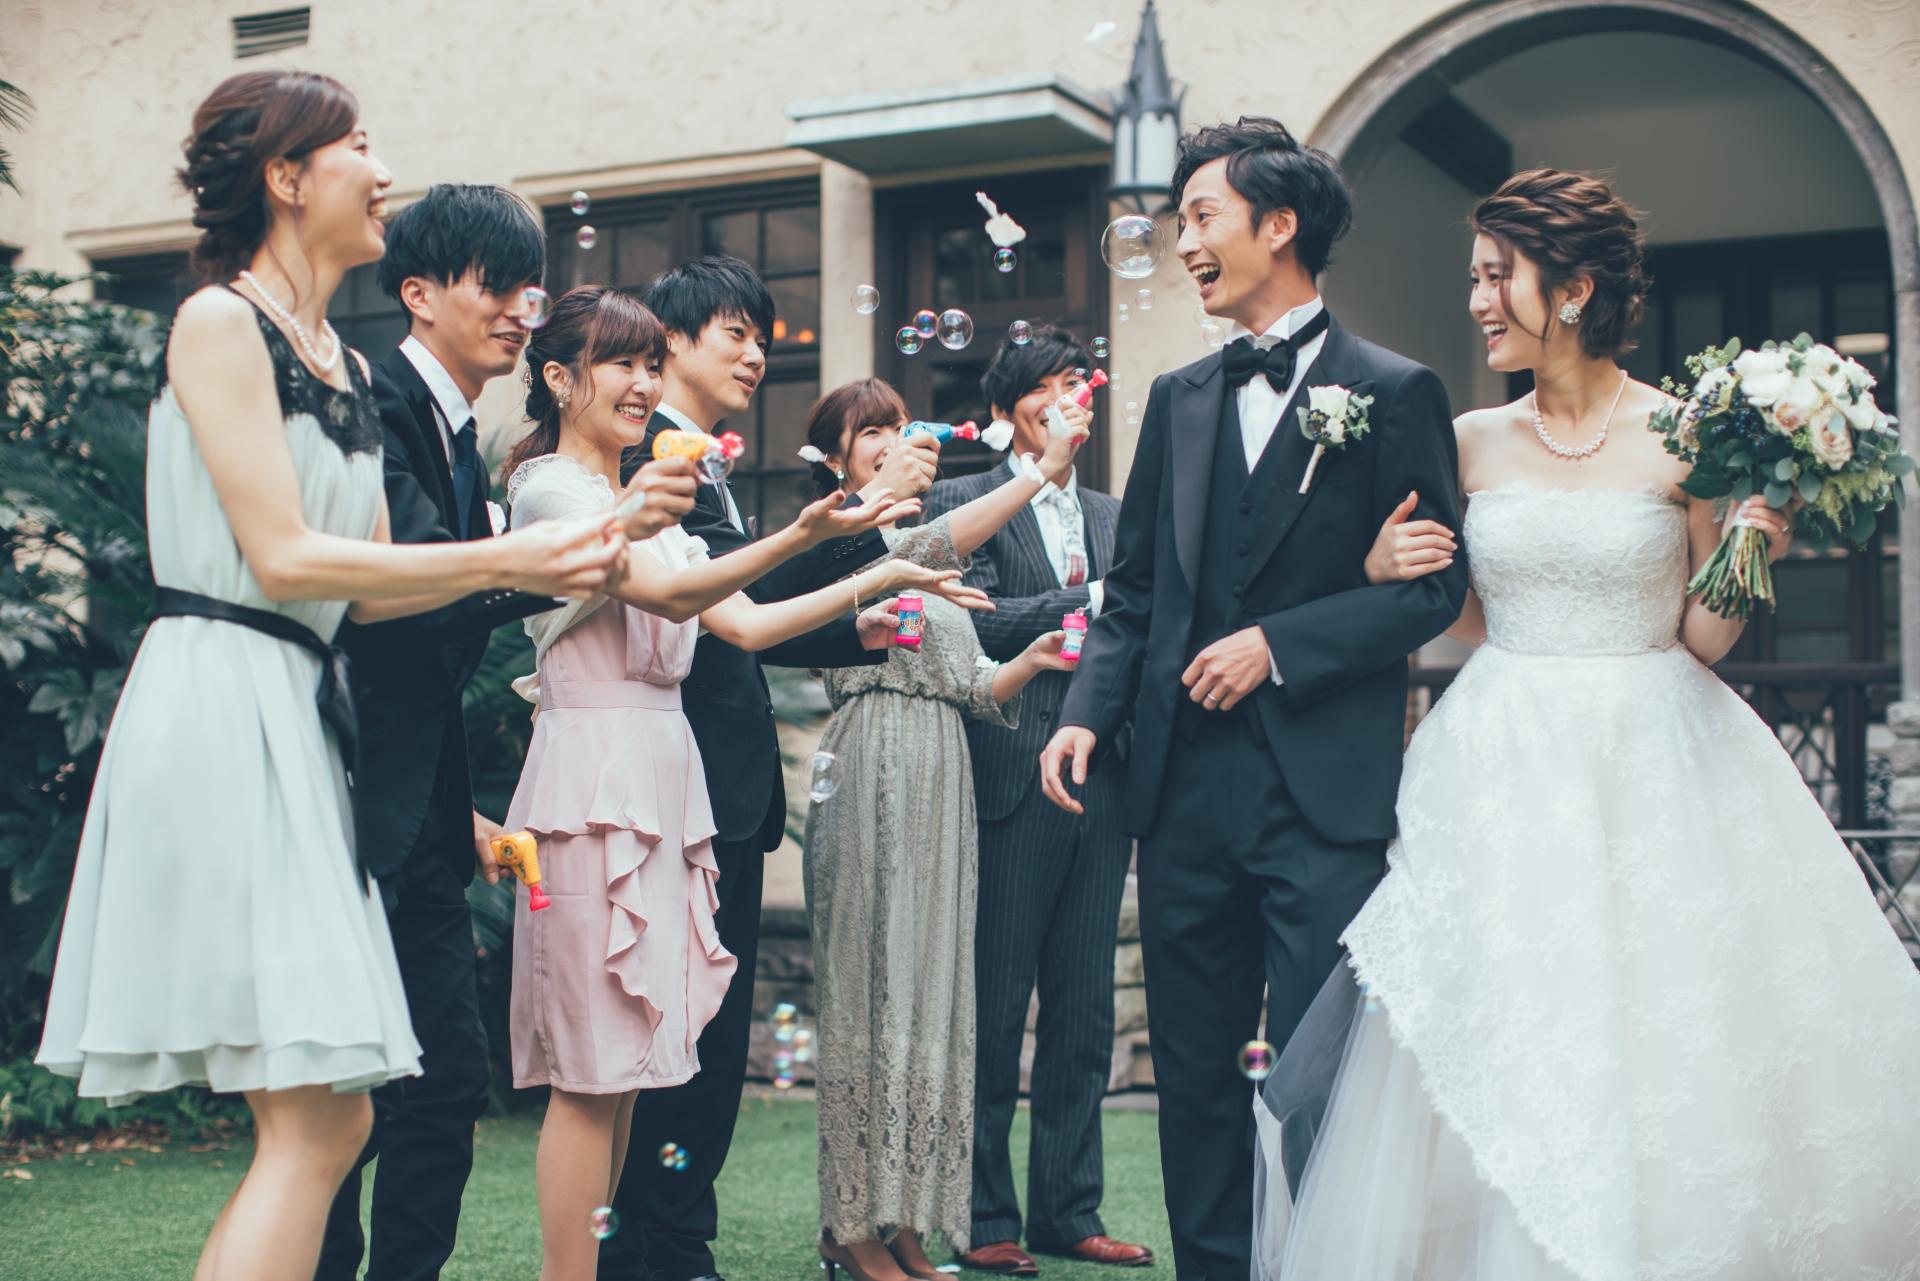 結婚式の付添人